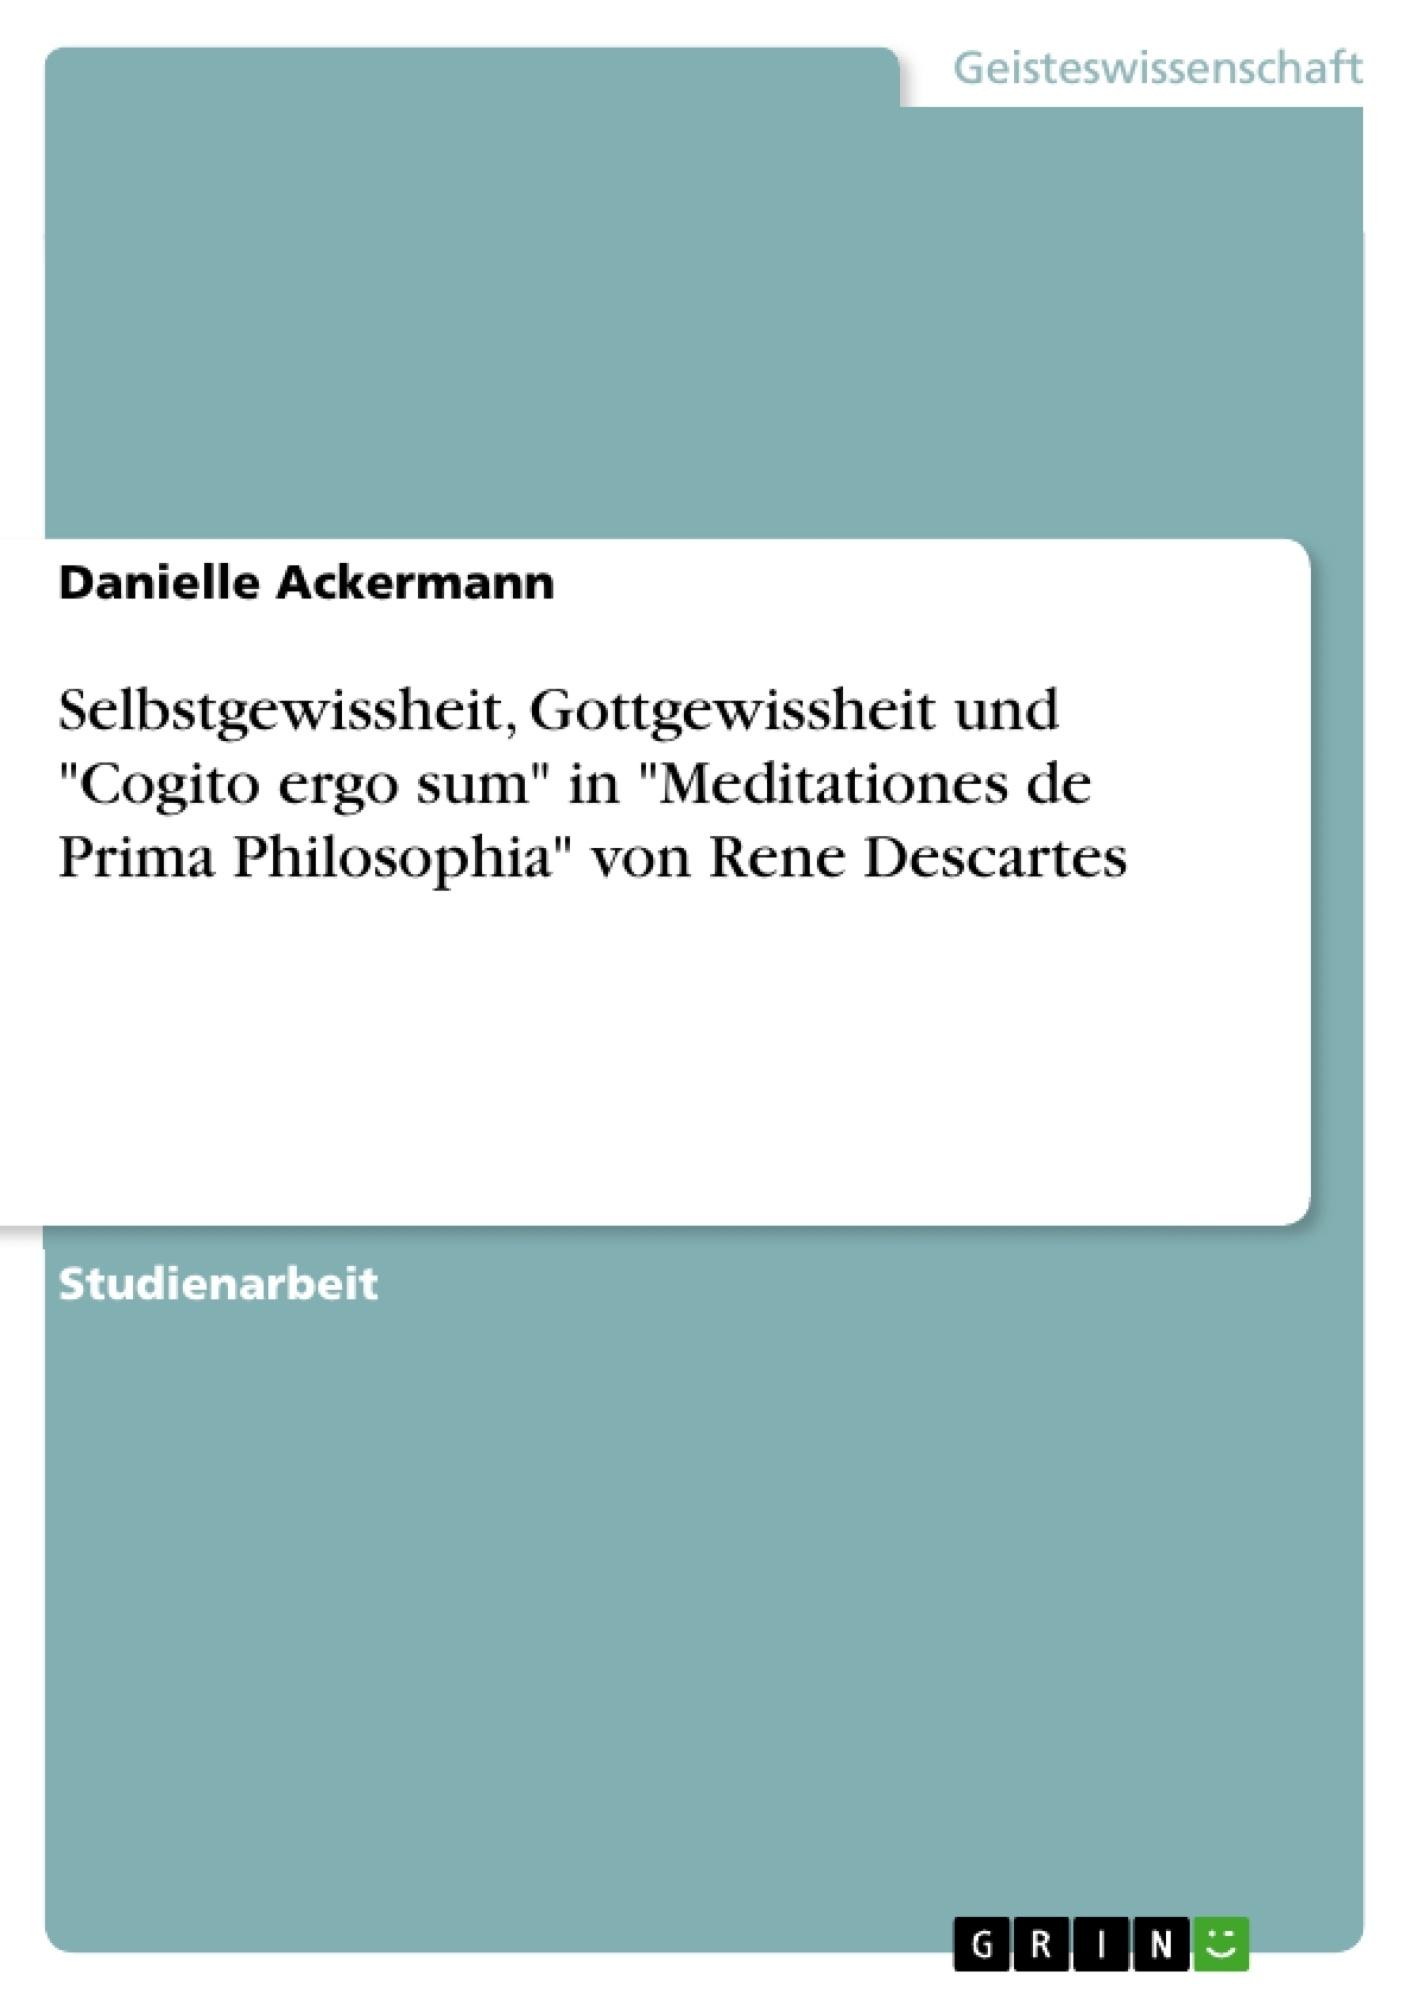 """Titel: Selbstgewissheit, Gottgewissheit und """"Cogito ergo sum"""" in """"Meditationes de Prima Philosophia"""" von Rene Descartes"""